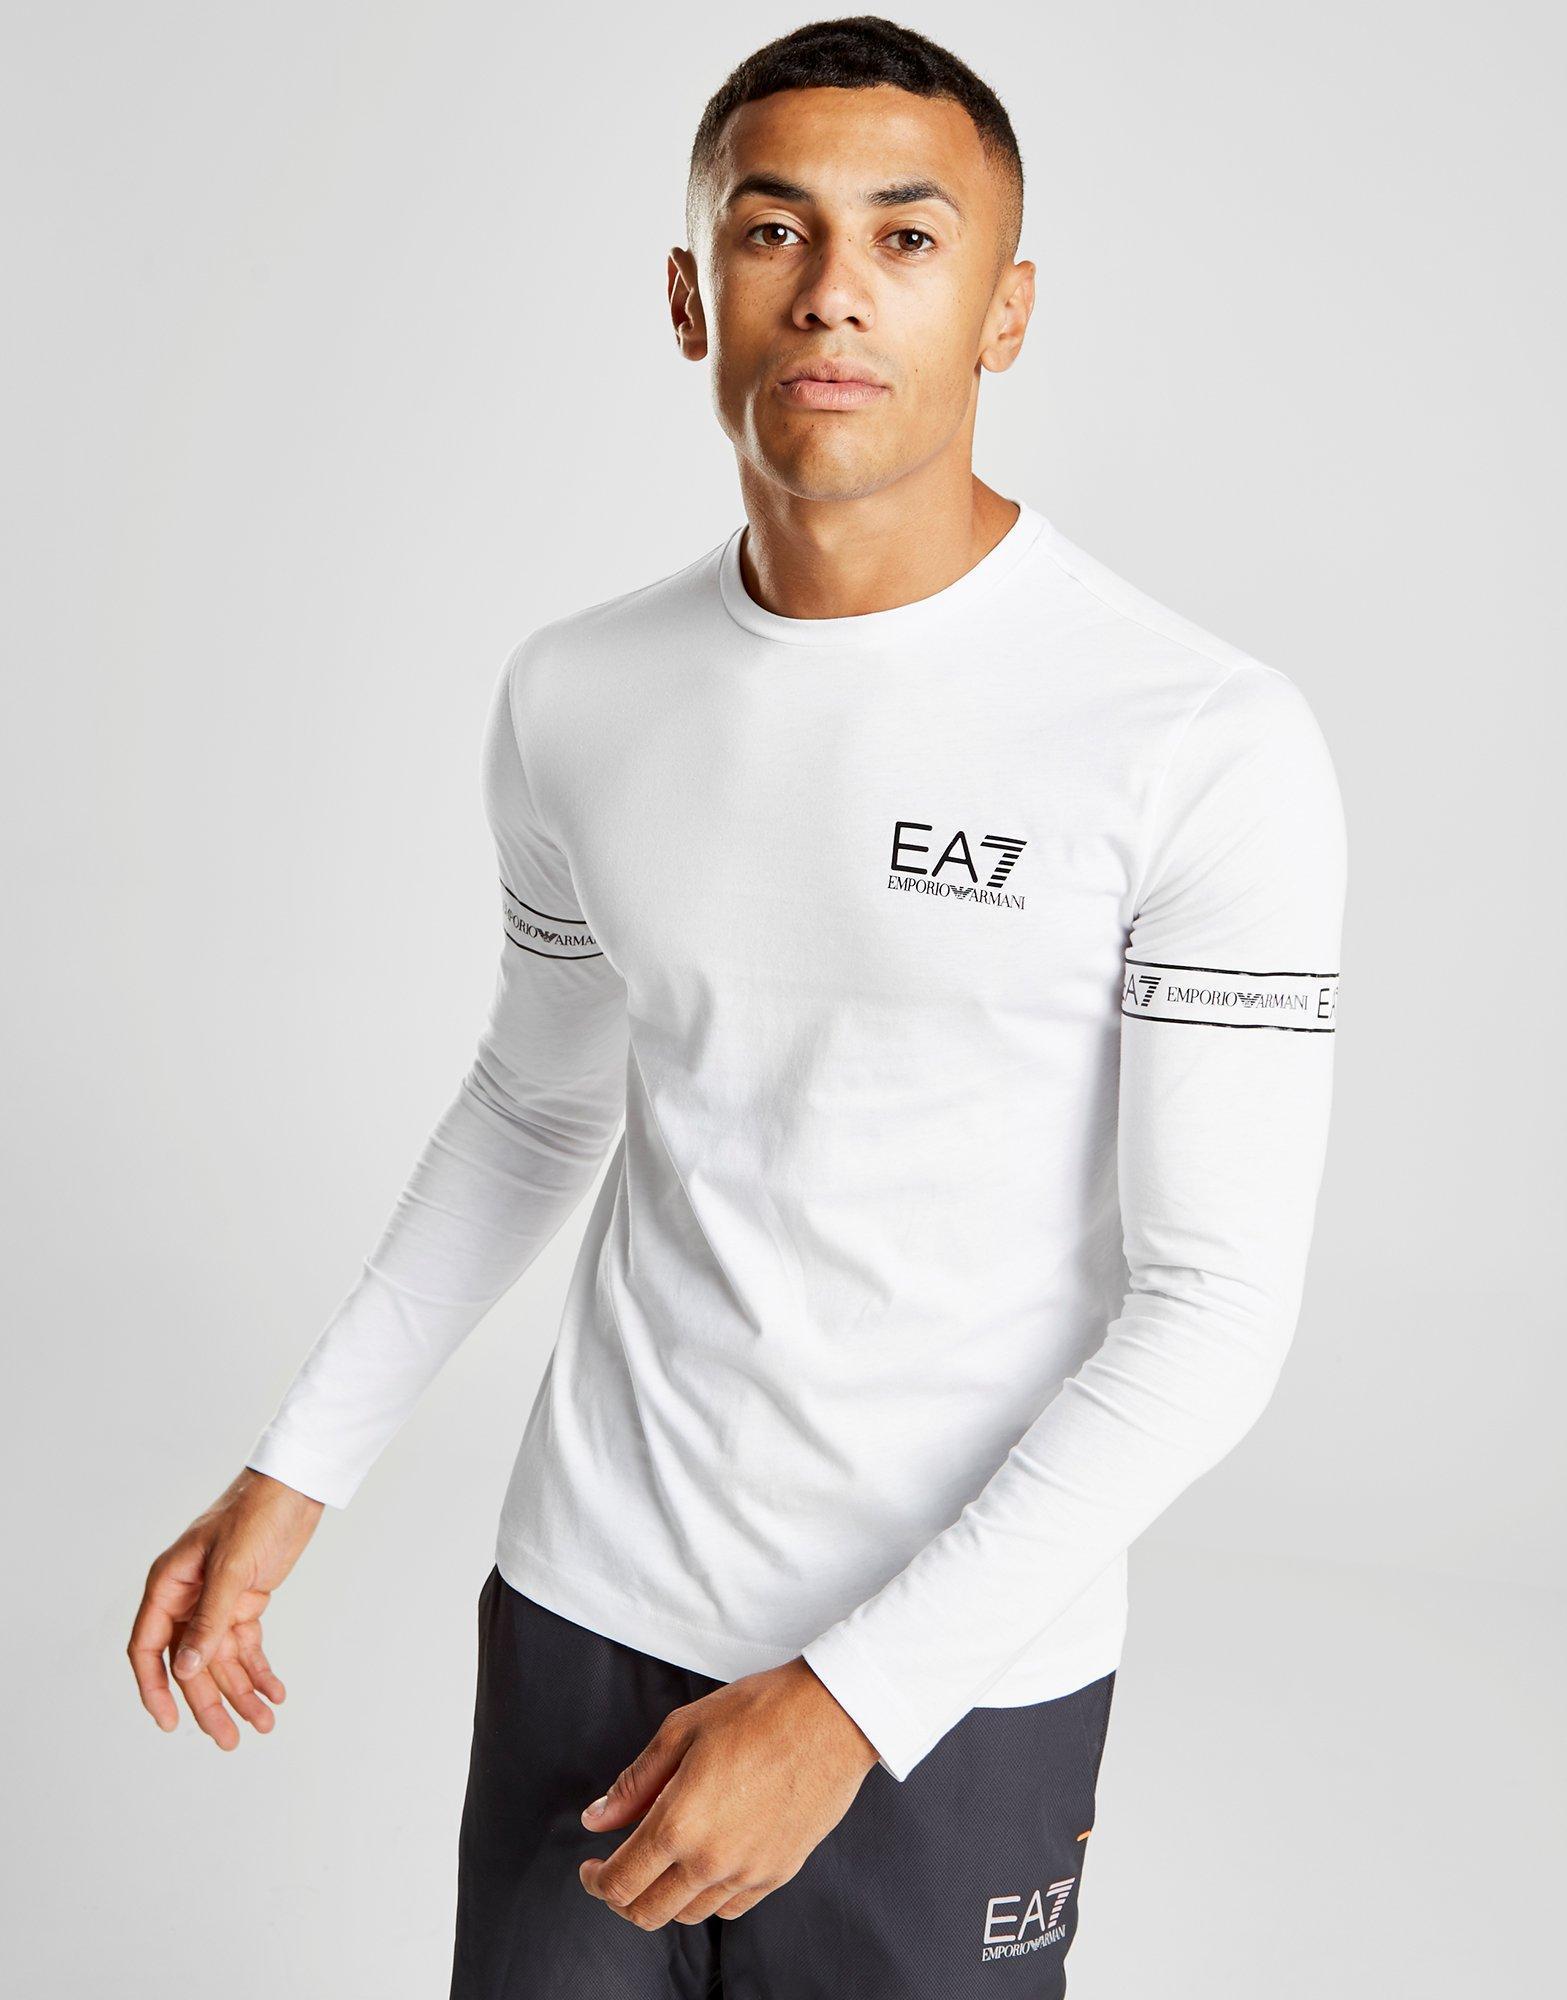 c24cf8d12557 EA7 Long Sleeve Tape T-shirt in White for Men - Lyst